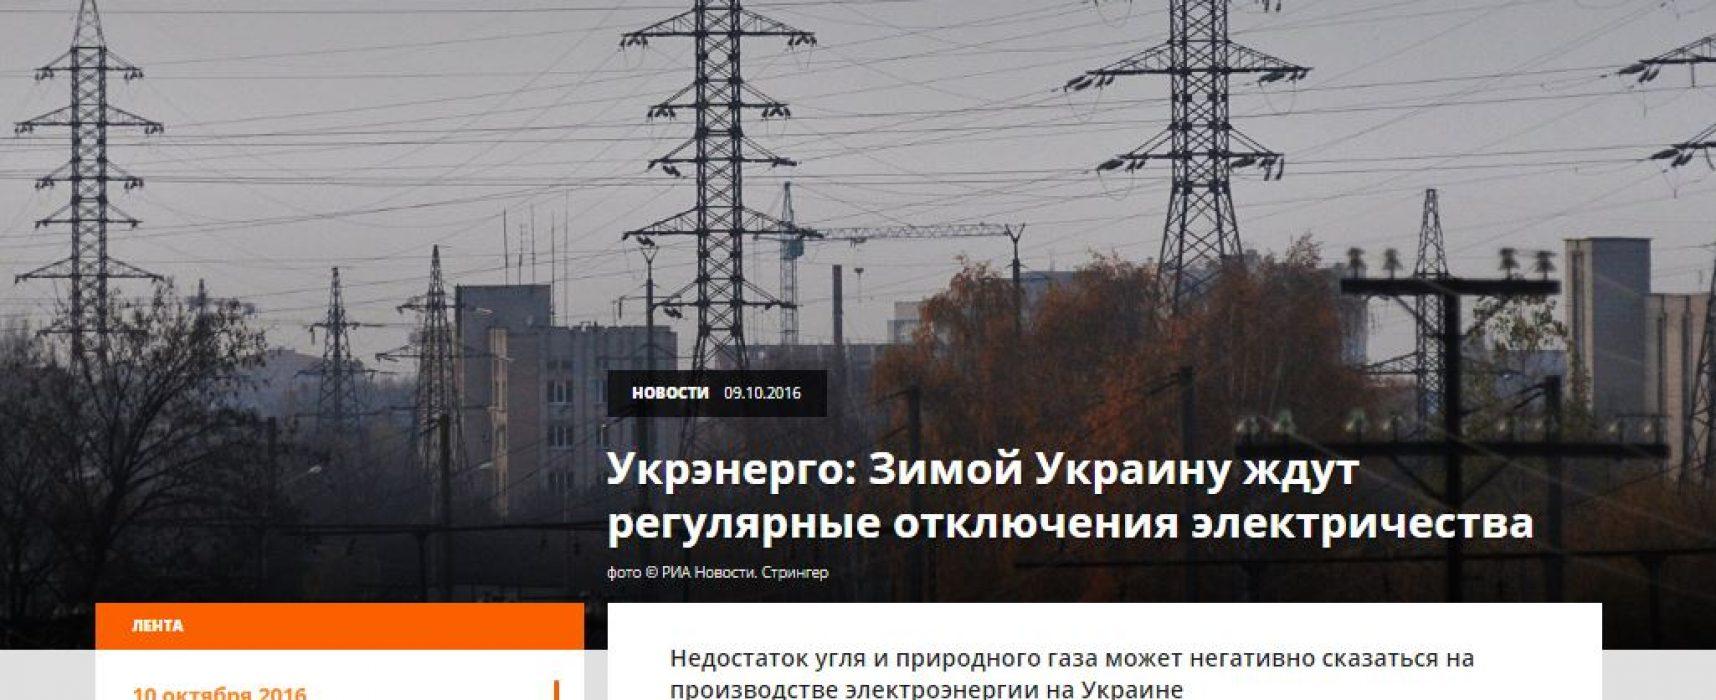 Фейк: Украину ждут регулярные отключения электричества